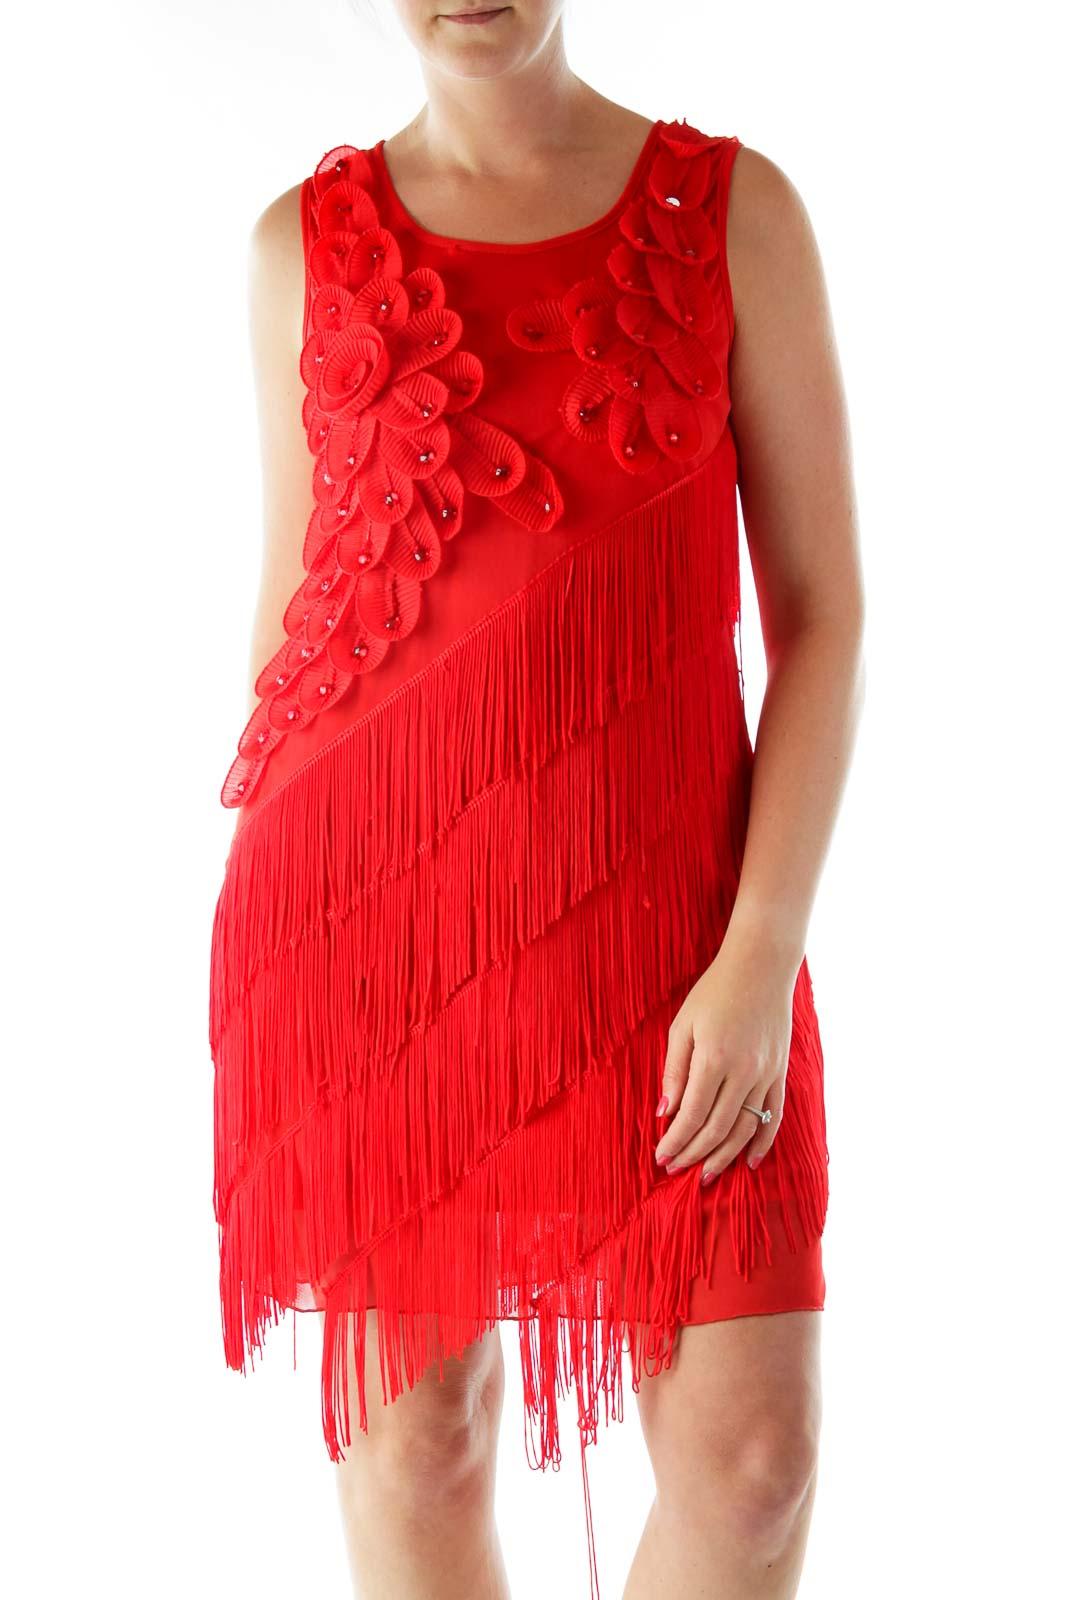 Red Floral Applique Fringe Shift Cocktail Dress Front